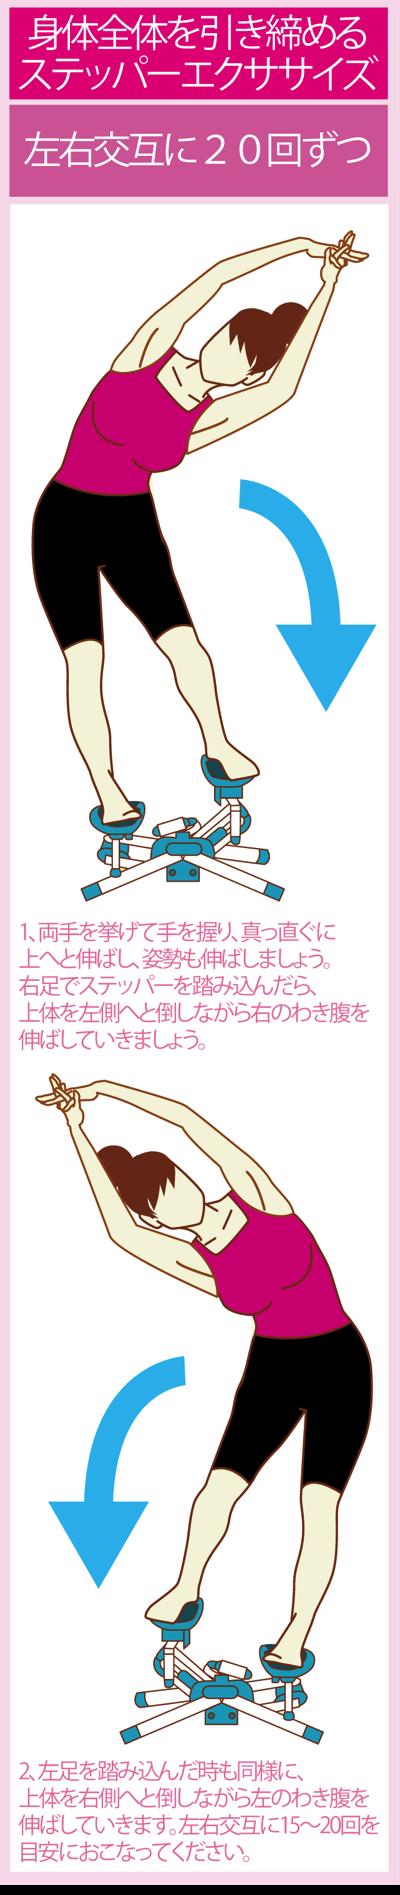 ステッパーの運動効果を更に高めるエクササイズ1